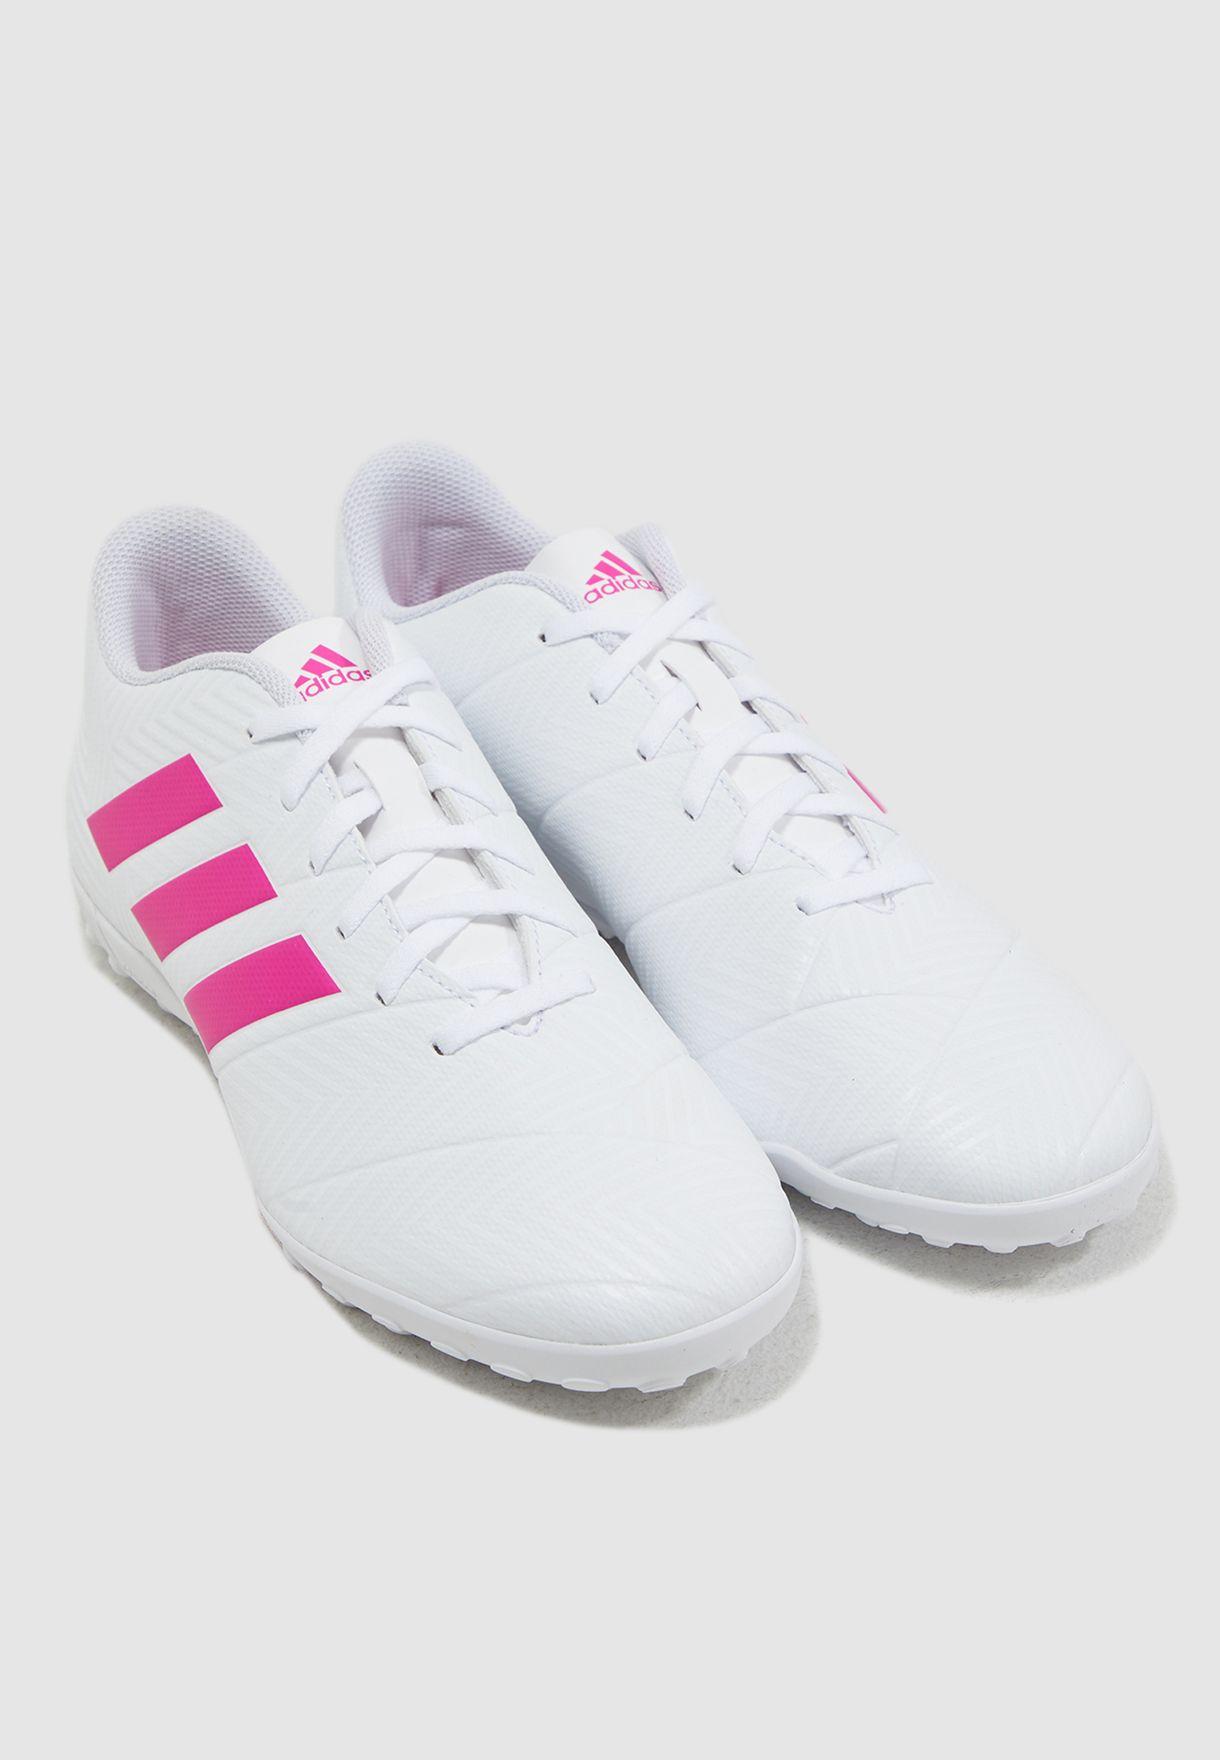 حذاء نيميزيز 18.4 للارض العشبية